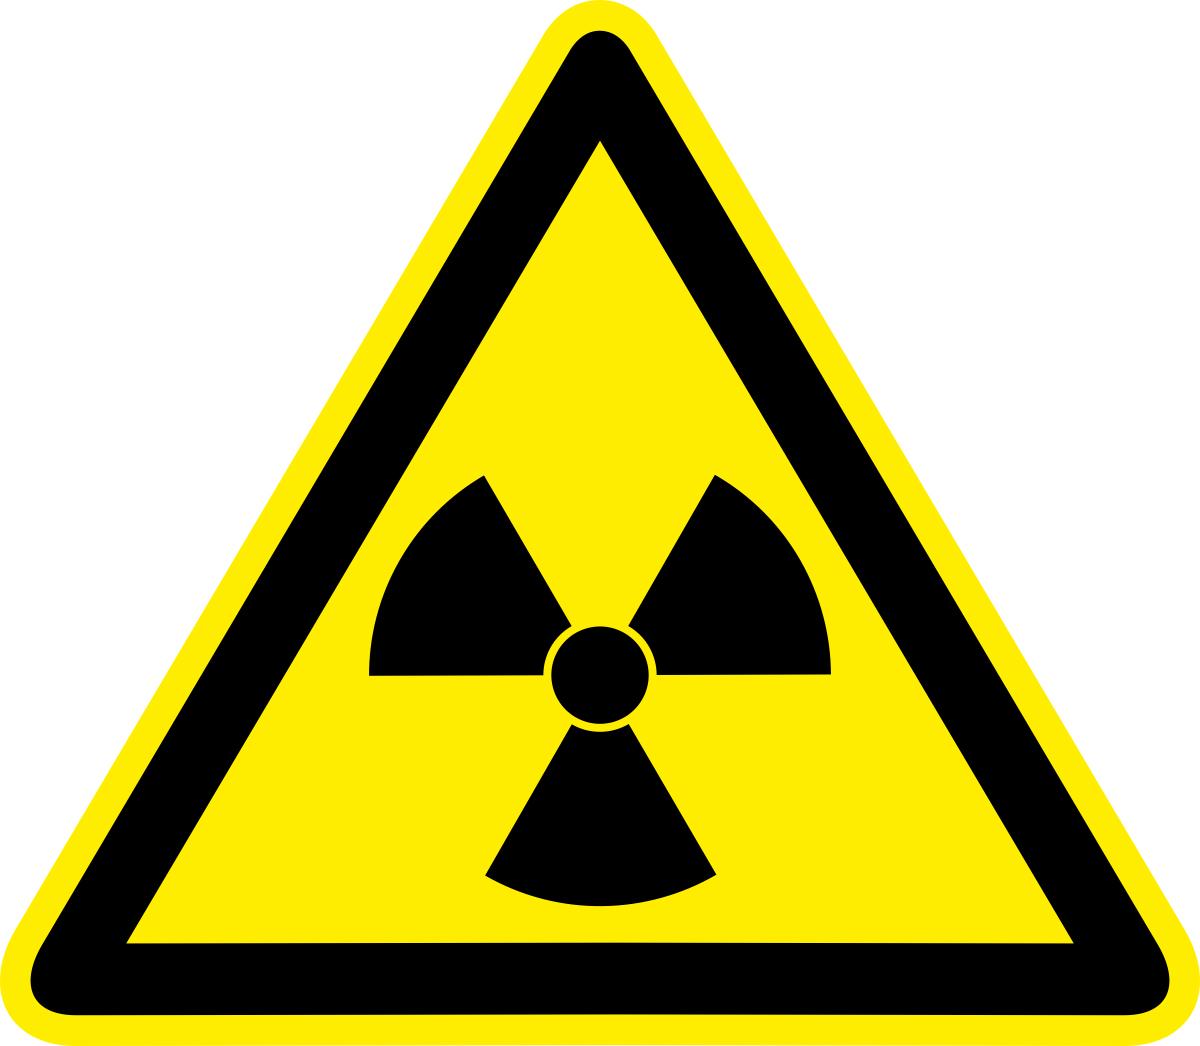 Наклейка информационная Оранжевый Слоник Опасно. Радиоактивные вещества, 15 х 15 смINW006RGBИнформационные наклейки предназначенны для предупреждения людей о непосредственной или возможной опасности, запрещения, предписания или разрешения определенных действий, а также для информации о расположении объектов и средств, использование которых ислючает или снижает воздействие опасных и (или) вредных факторов.